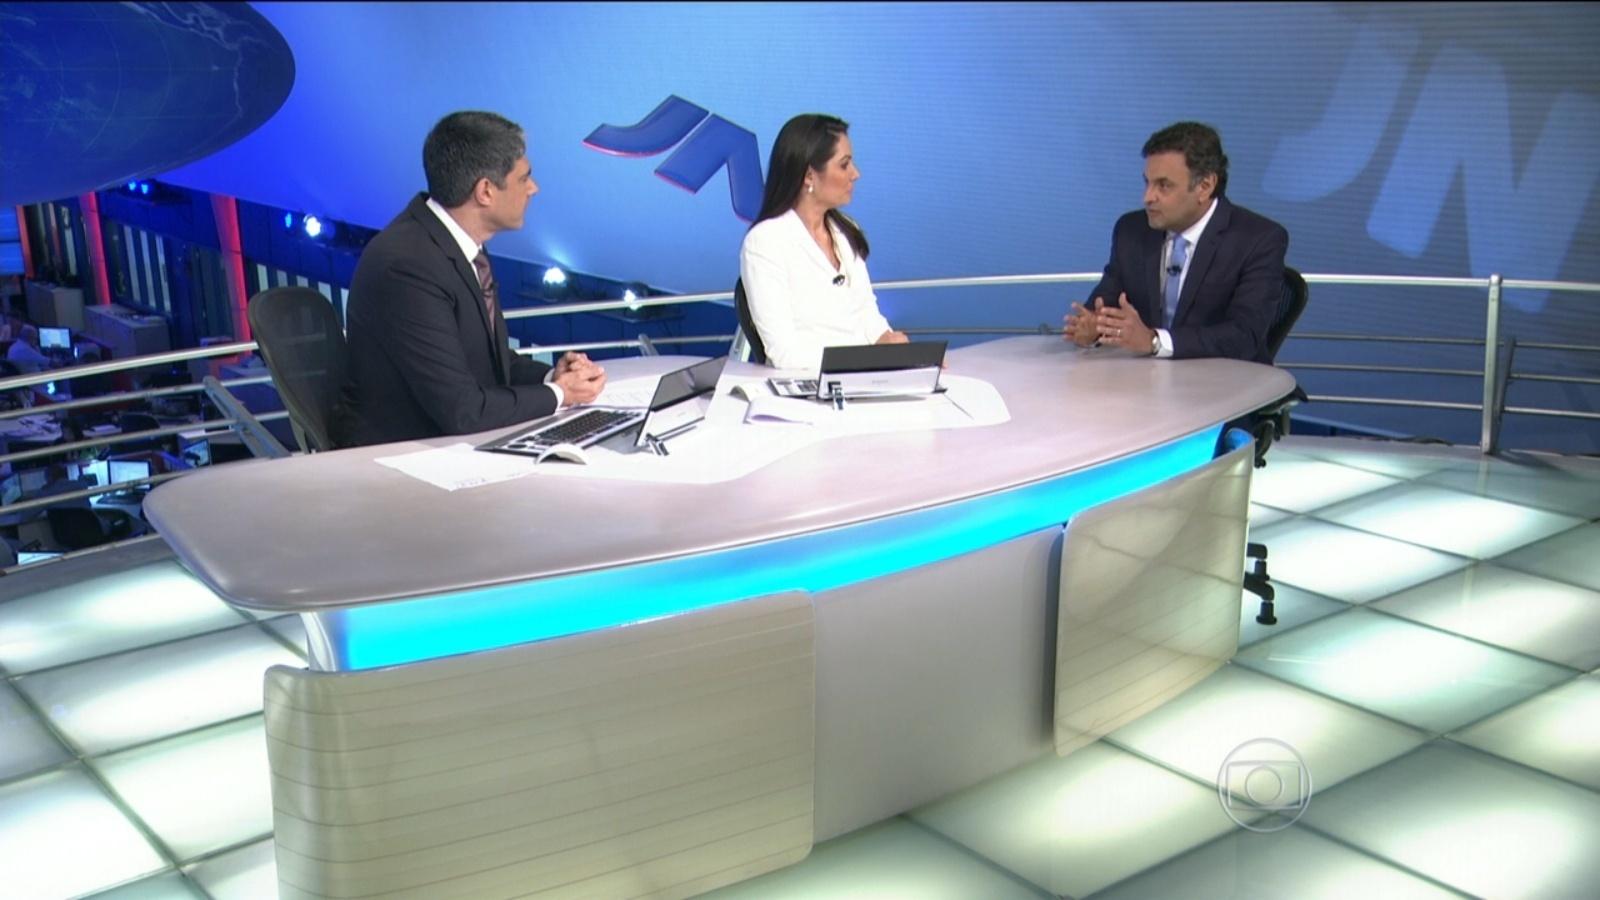 11.ago.2014 - O candidato à Presidência Aécio Neves (PSDB) concede entrevista aos jornalistas William Bonner e Patrícia Poeta na bancada do